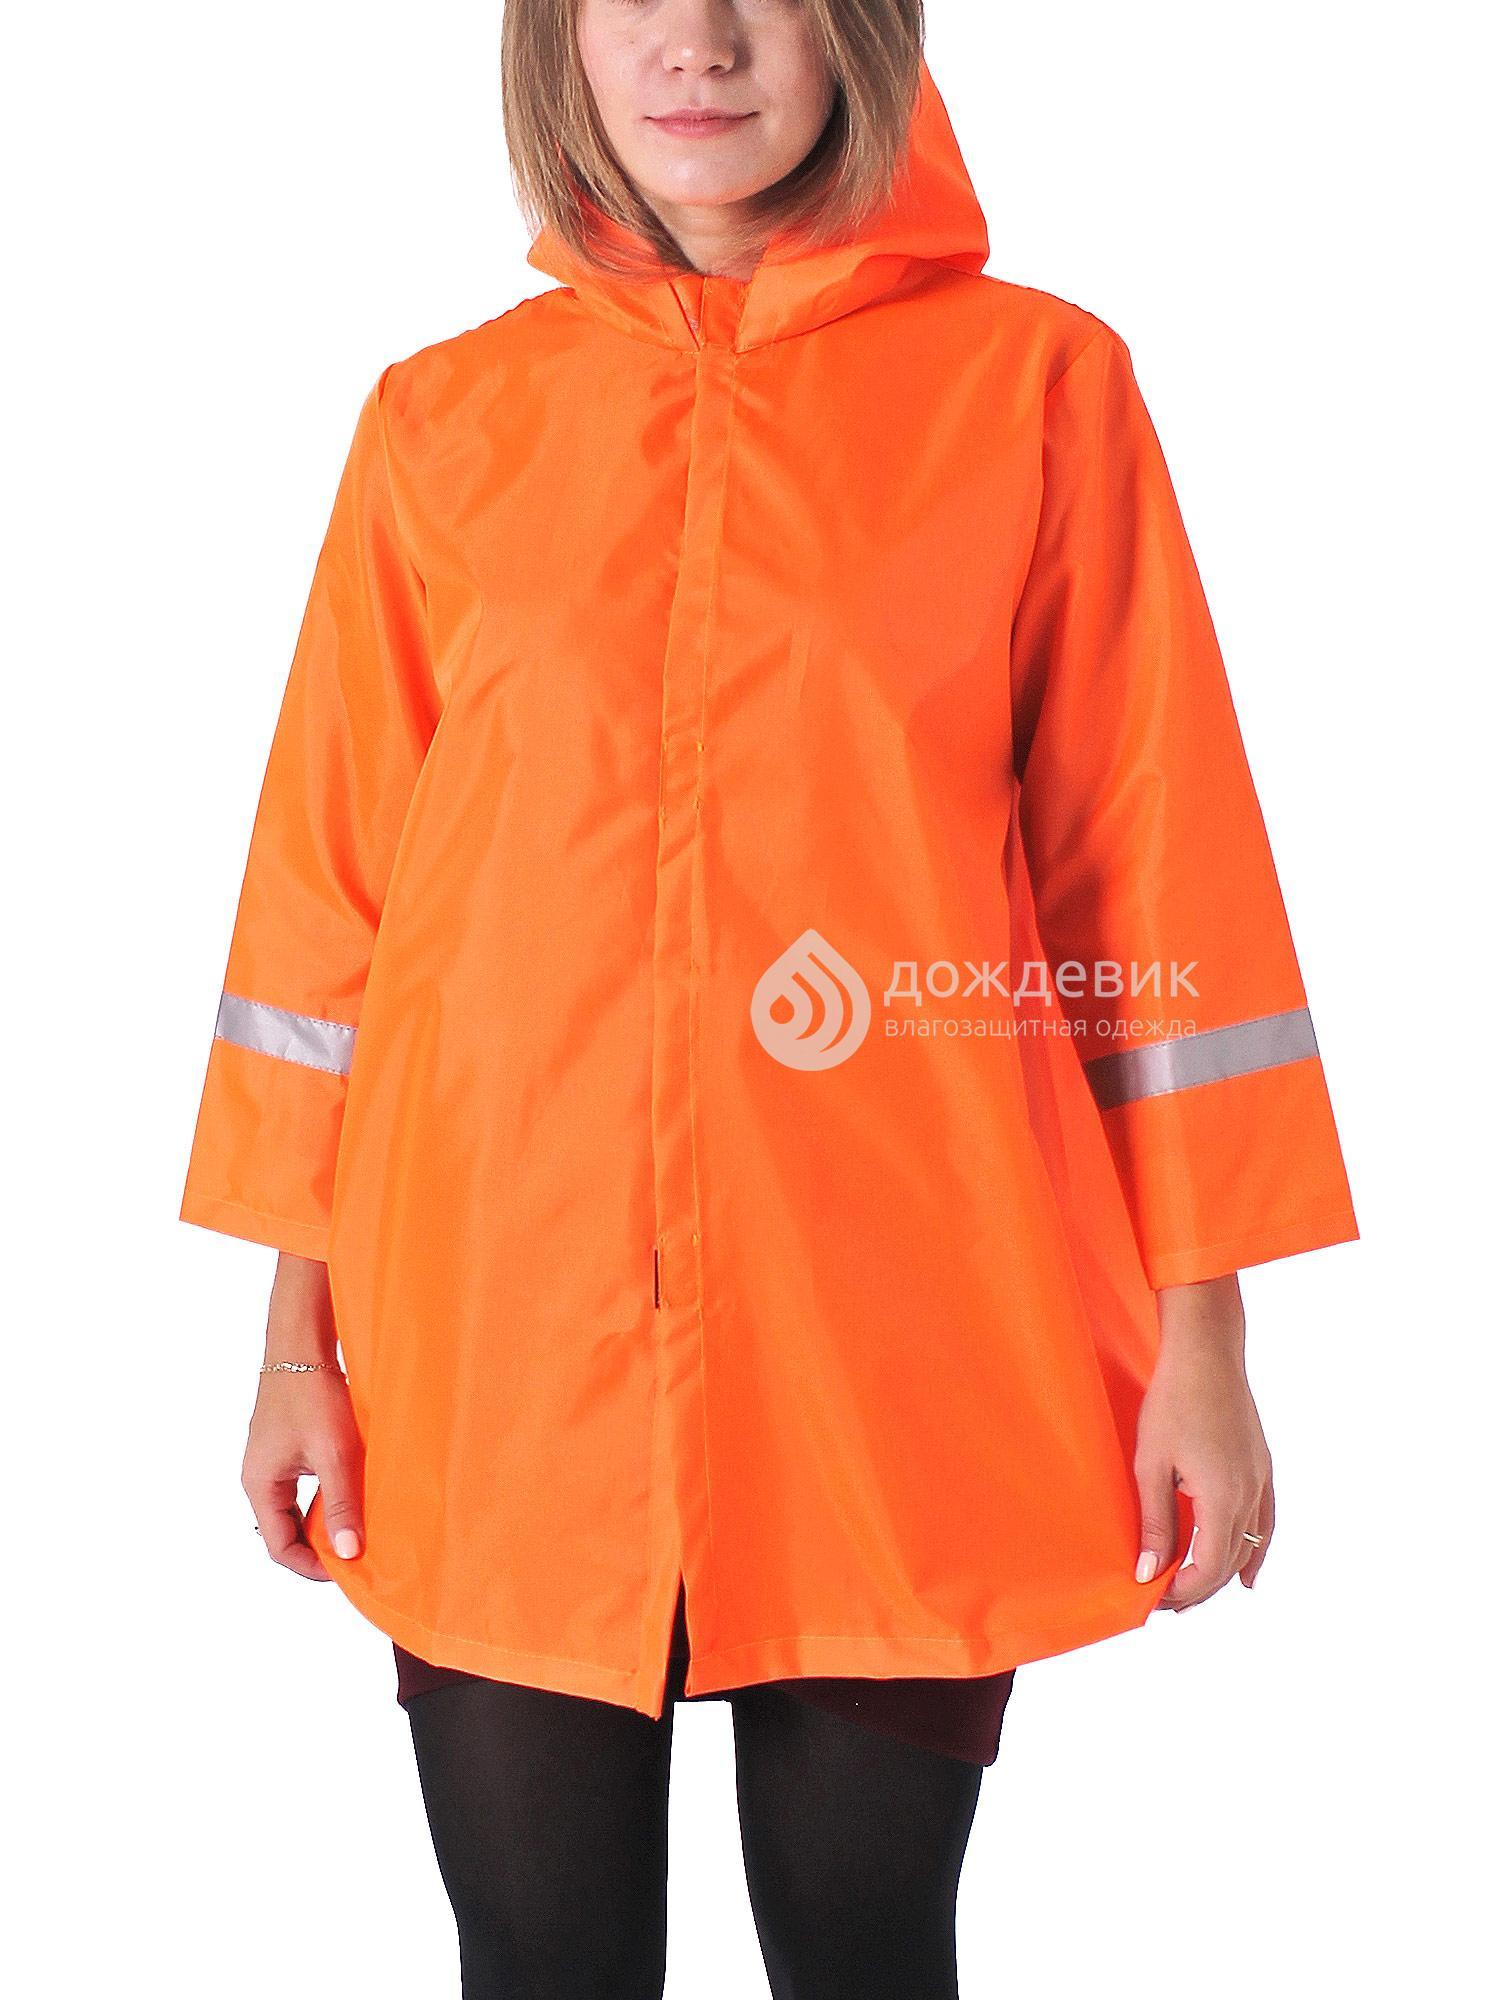 Плащ дождевик детский для мальчика и девочки оранжевый